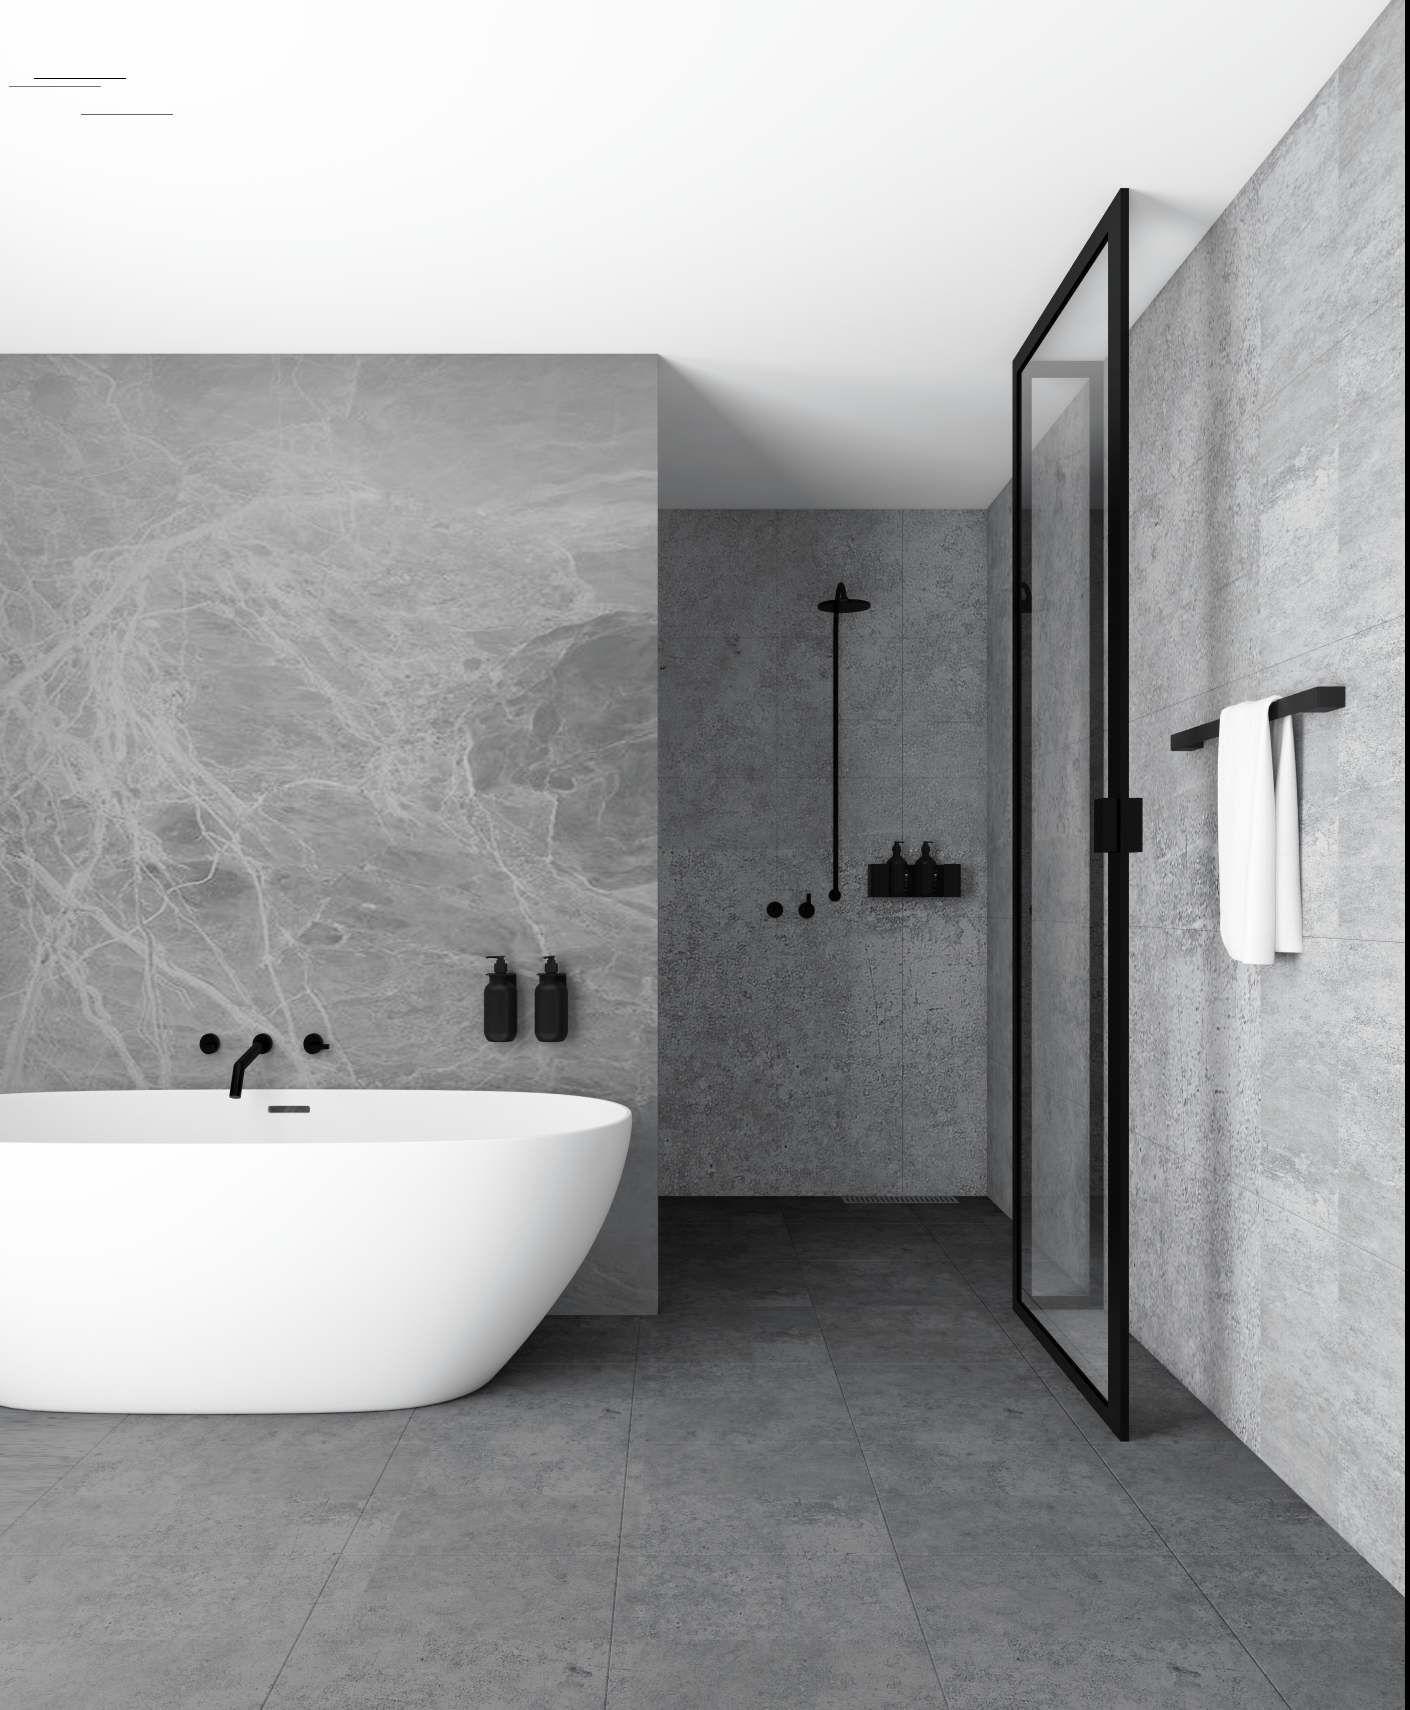 Pin Von Adrian Battiston Auf Bathroom Design In 2020 Badezimmereinrichtung Modernes Badezimmerdesign Badezimmer Innenausstattung